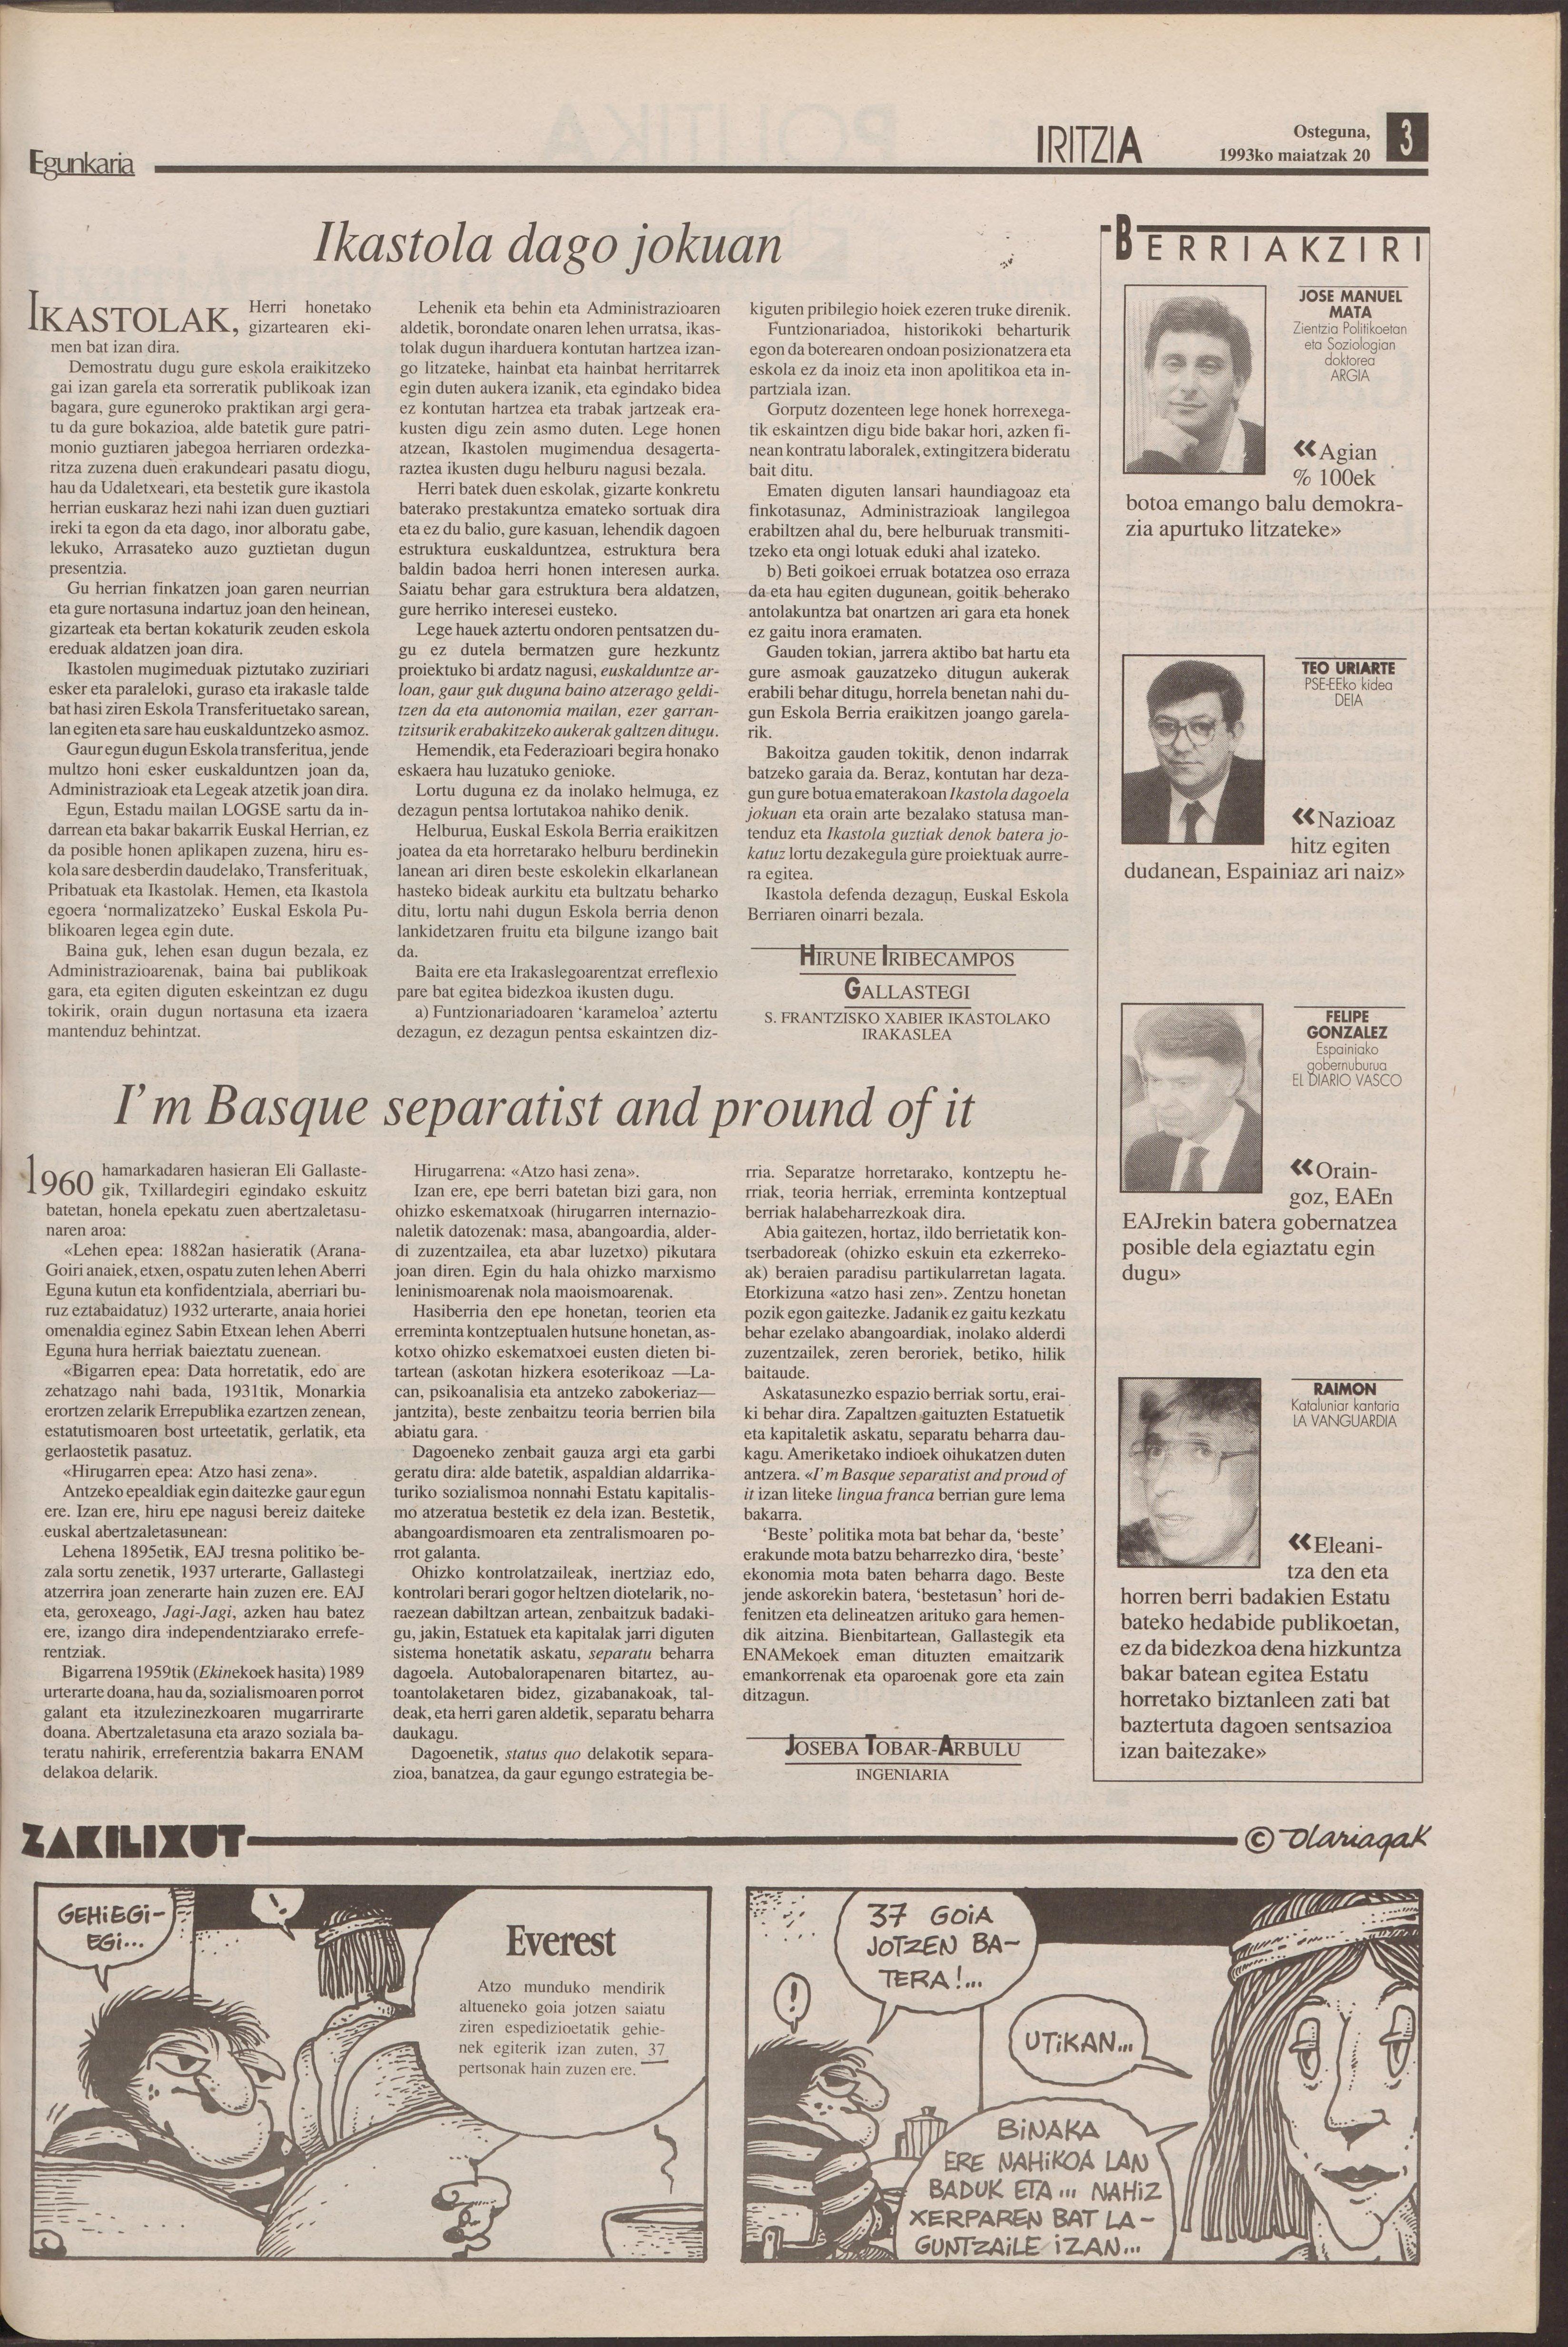 1993ko maiatzak 20, 03. orrialdea